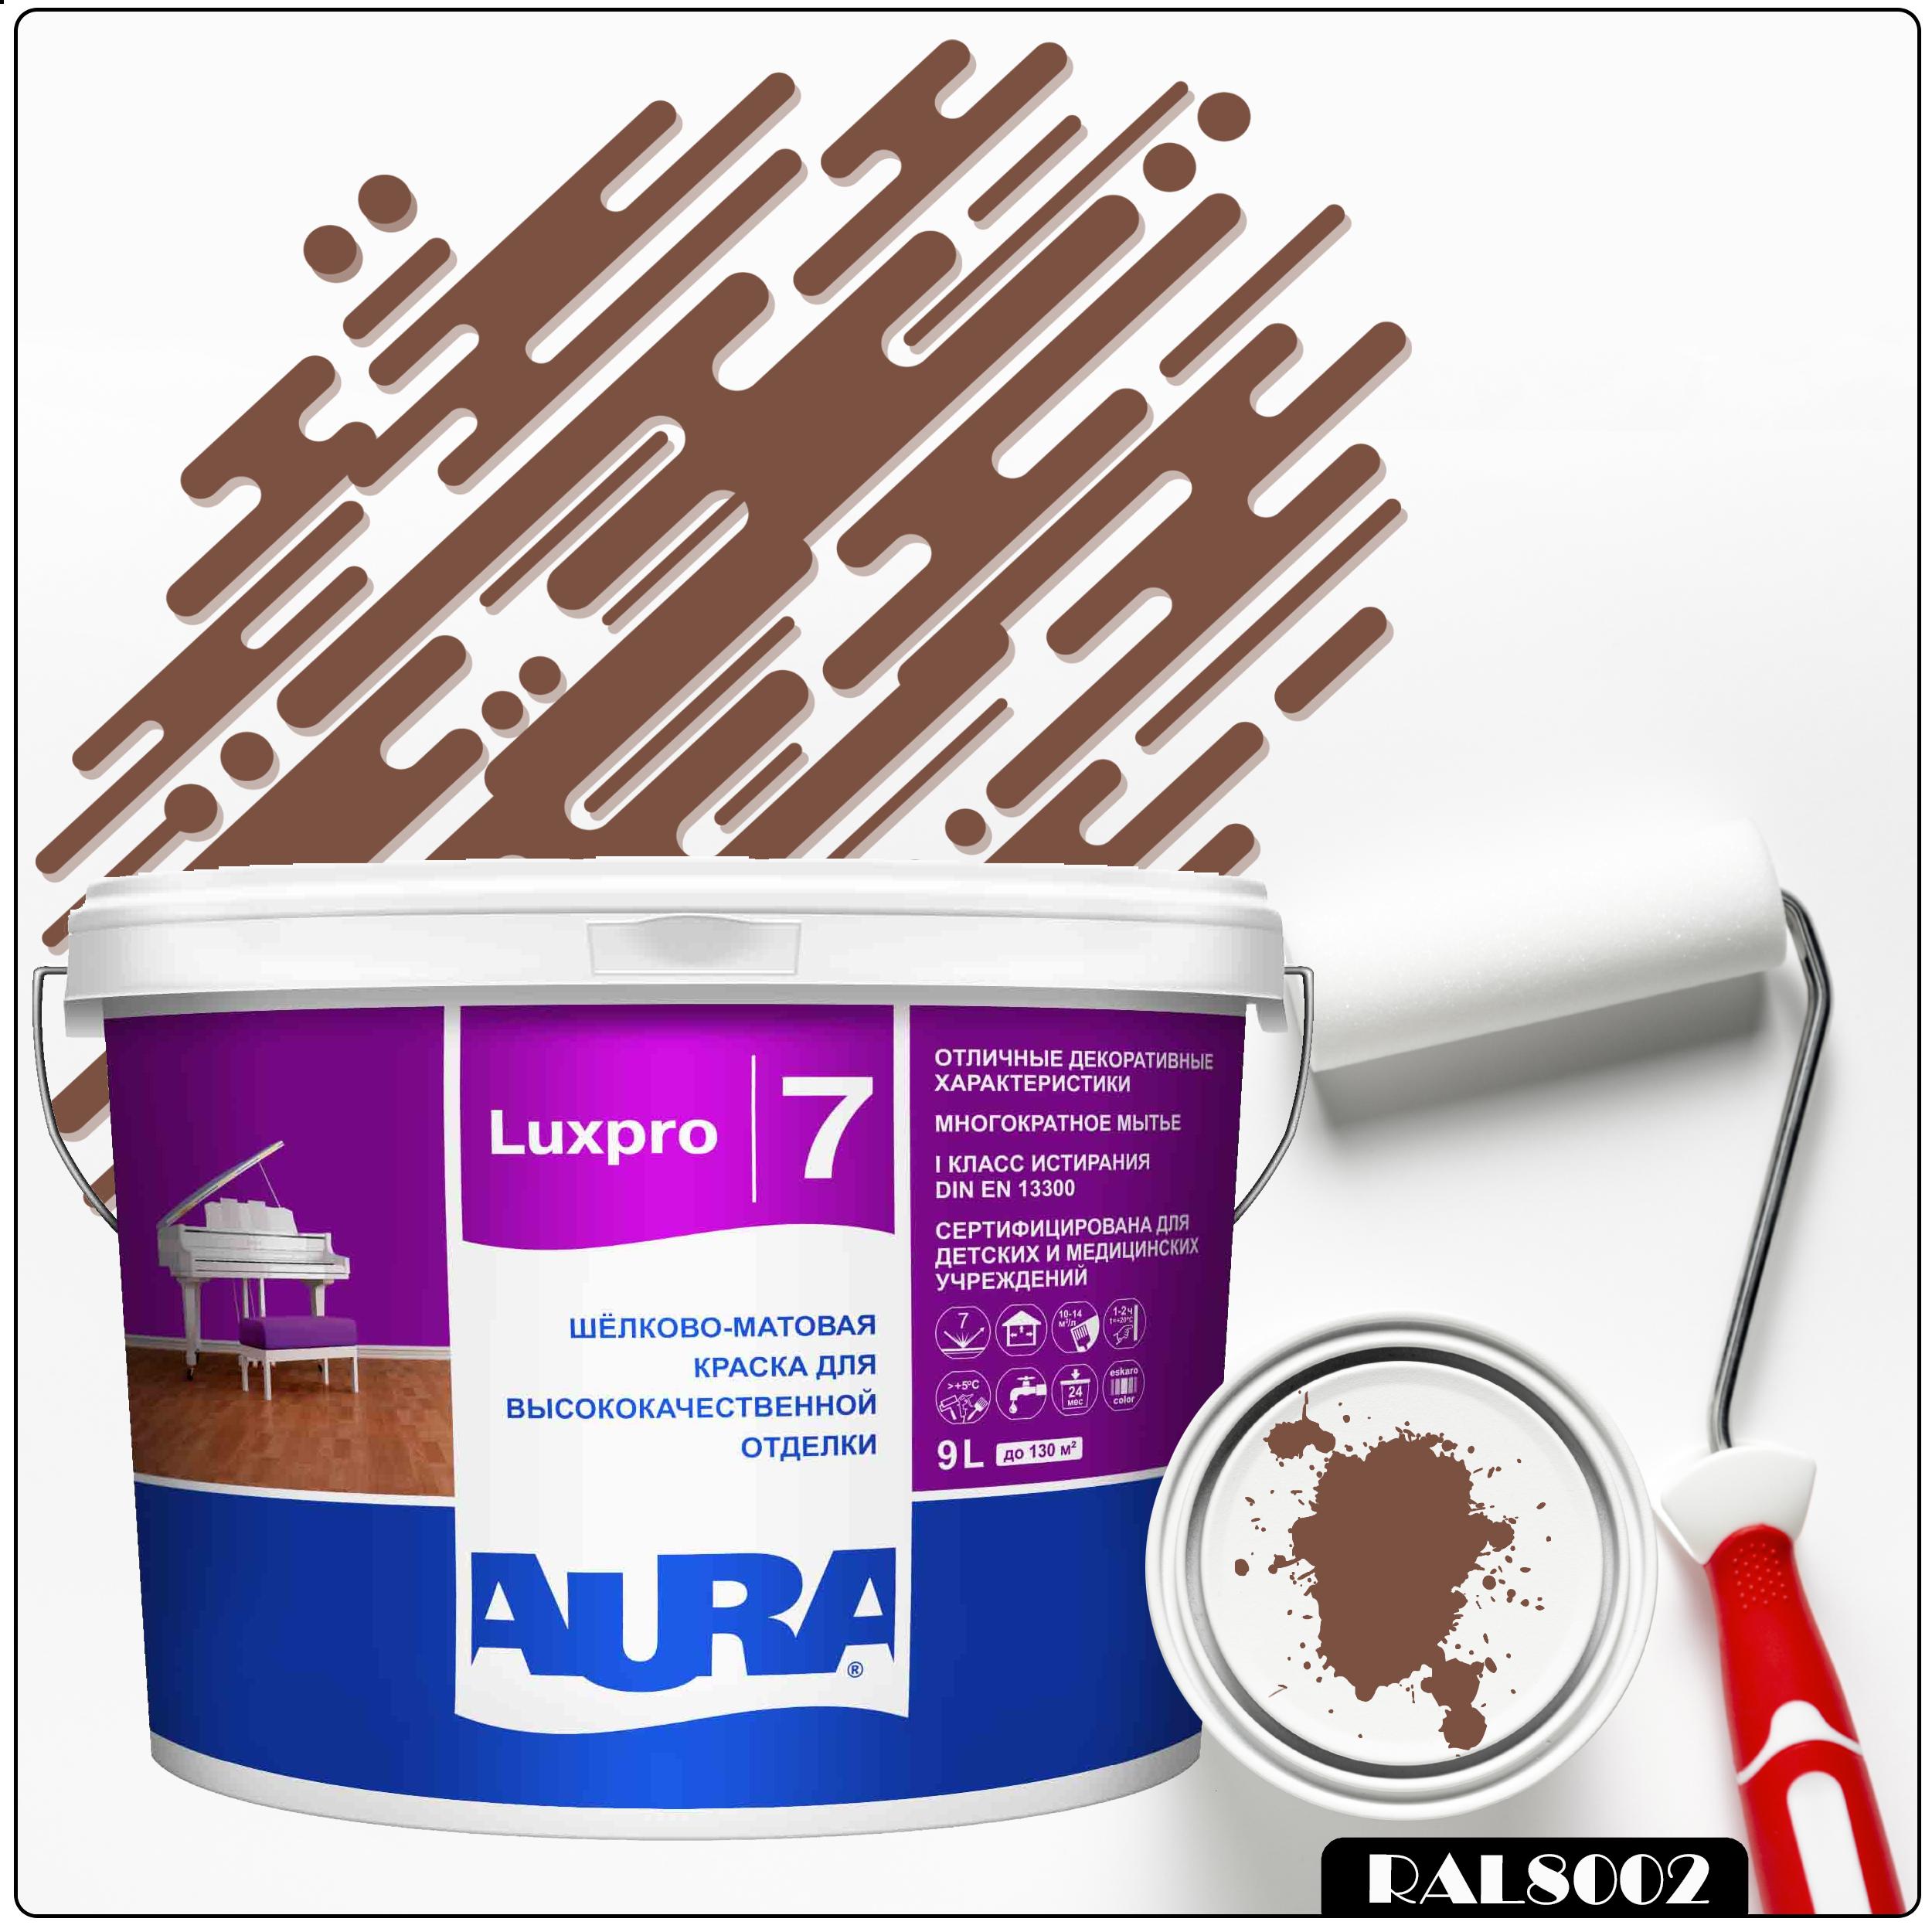 Фото 3 - Краска Aura LuxPRO 7, RAL 8002 Сигнальный коричневый, латексная, шелково-матовая, интерьерная, 9л, Аура.